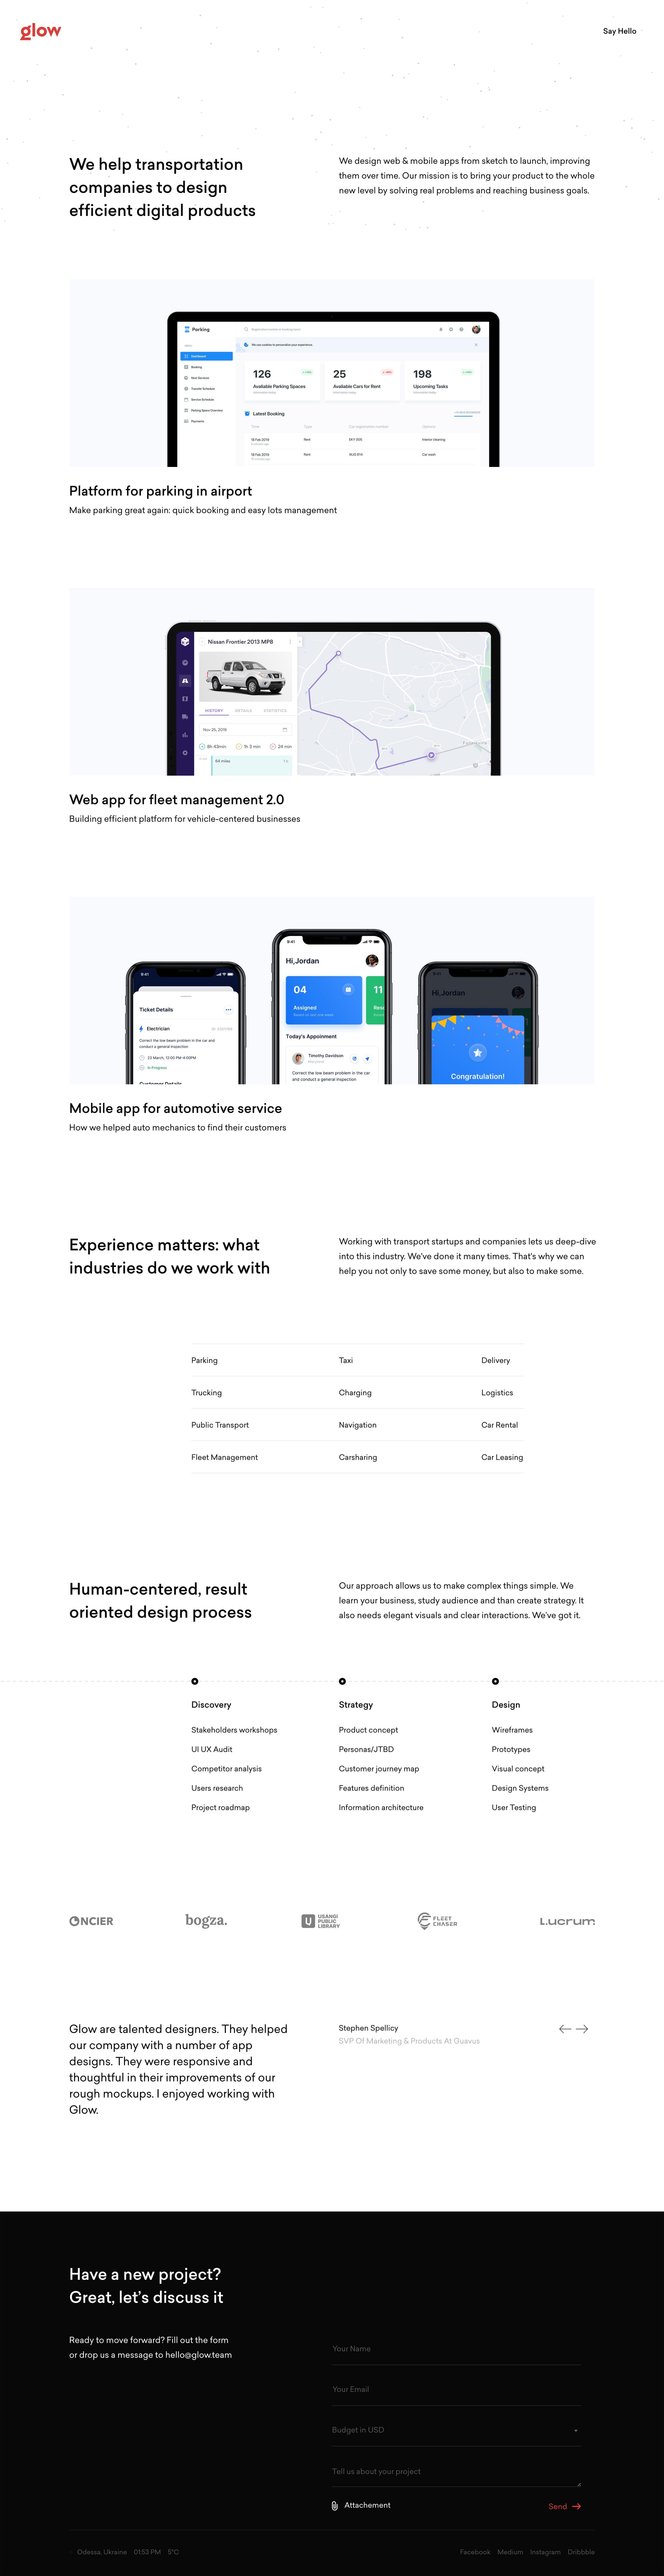 Glow Website Screenshot